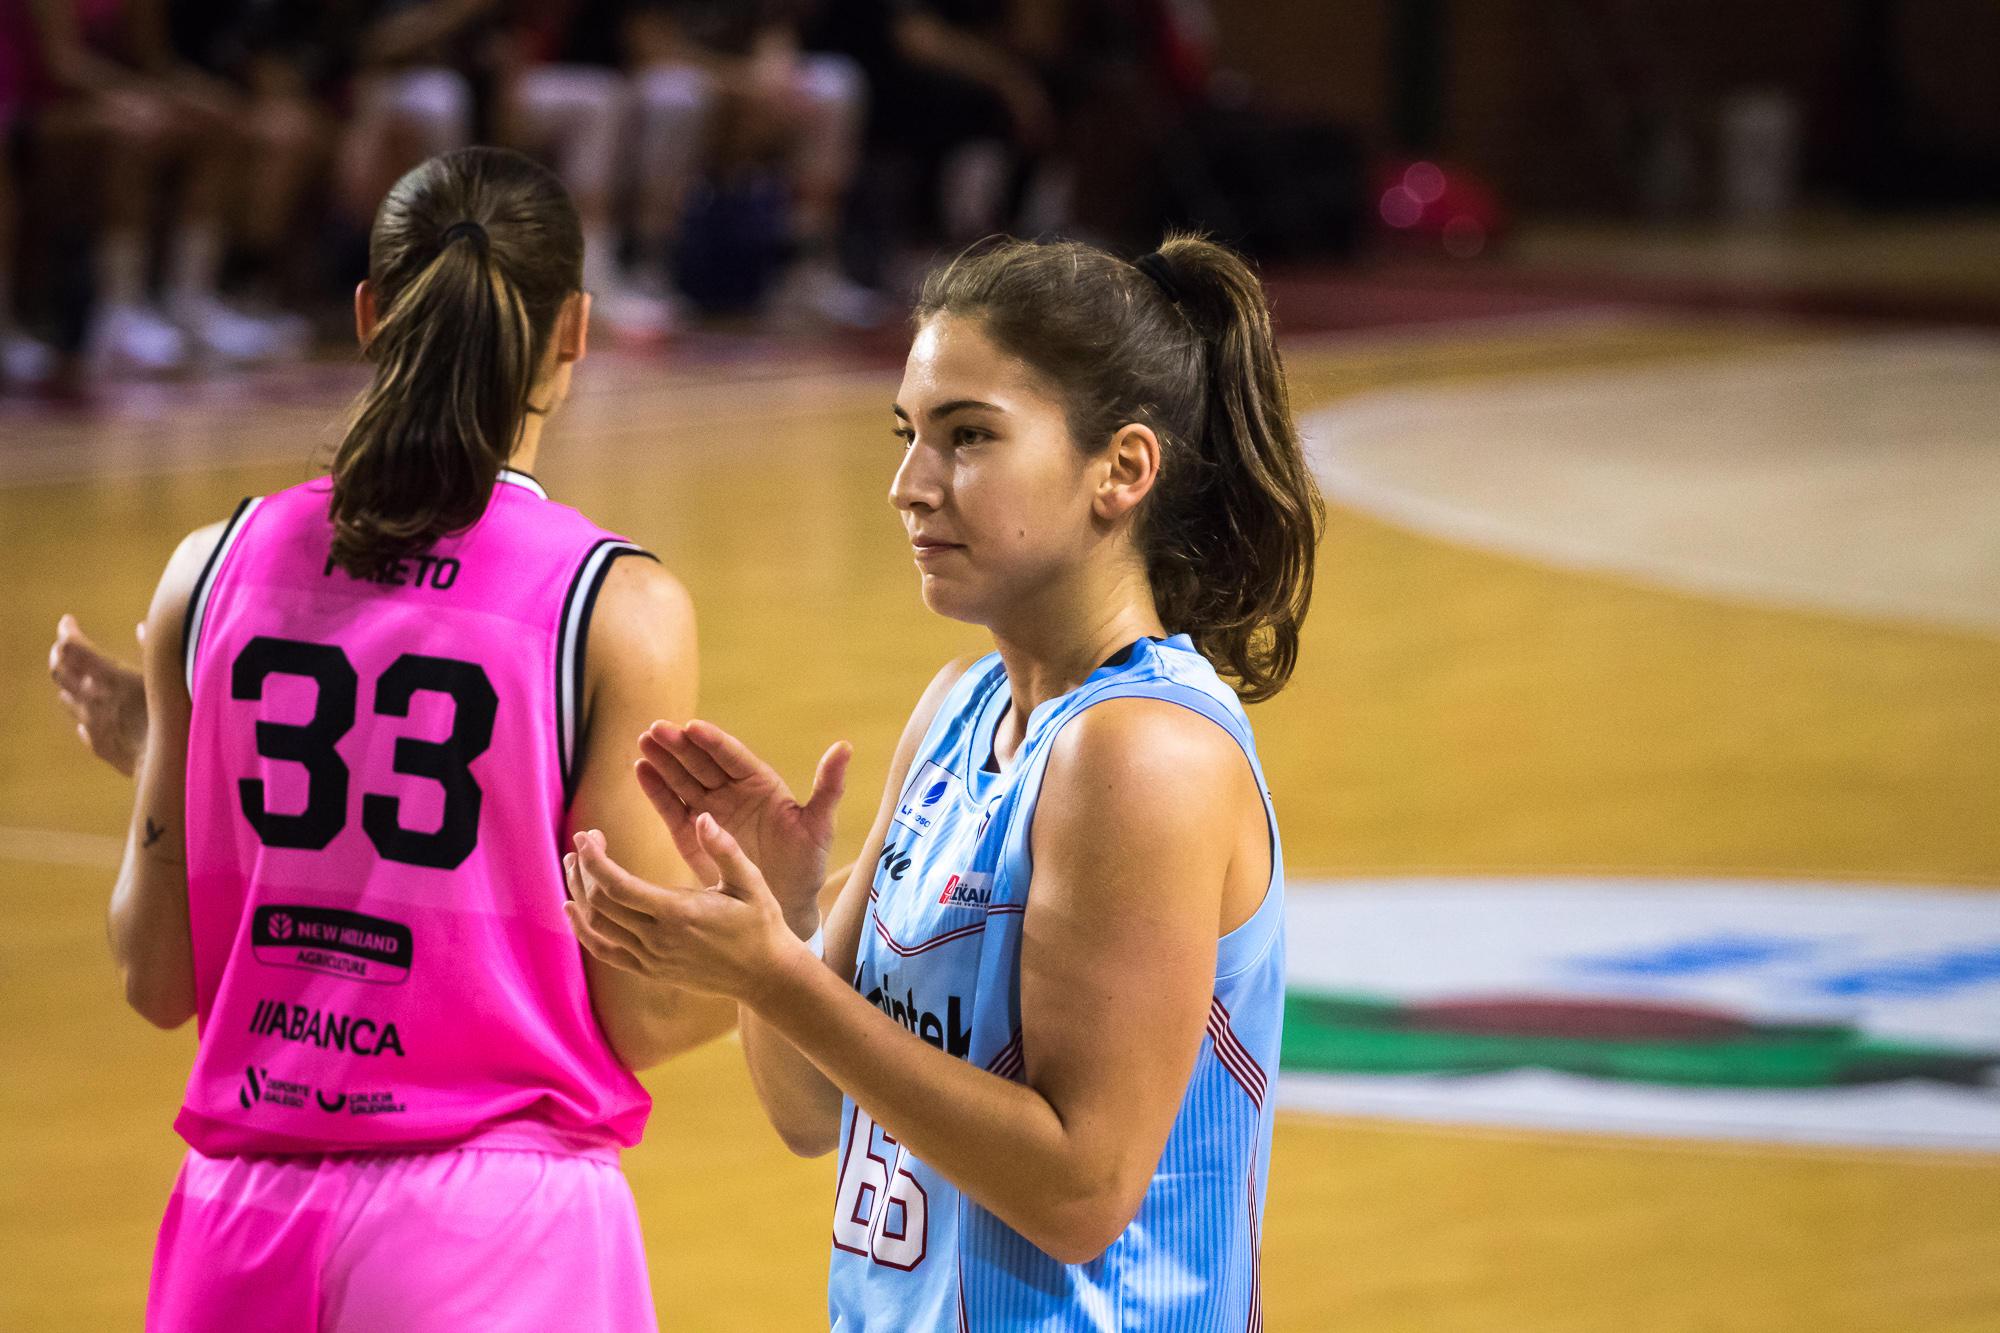 Rosó Buch aplaude la acción de una compañera (Foto: Luis Fernando Boo).